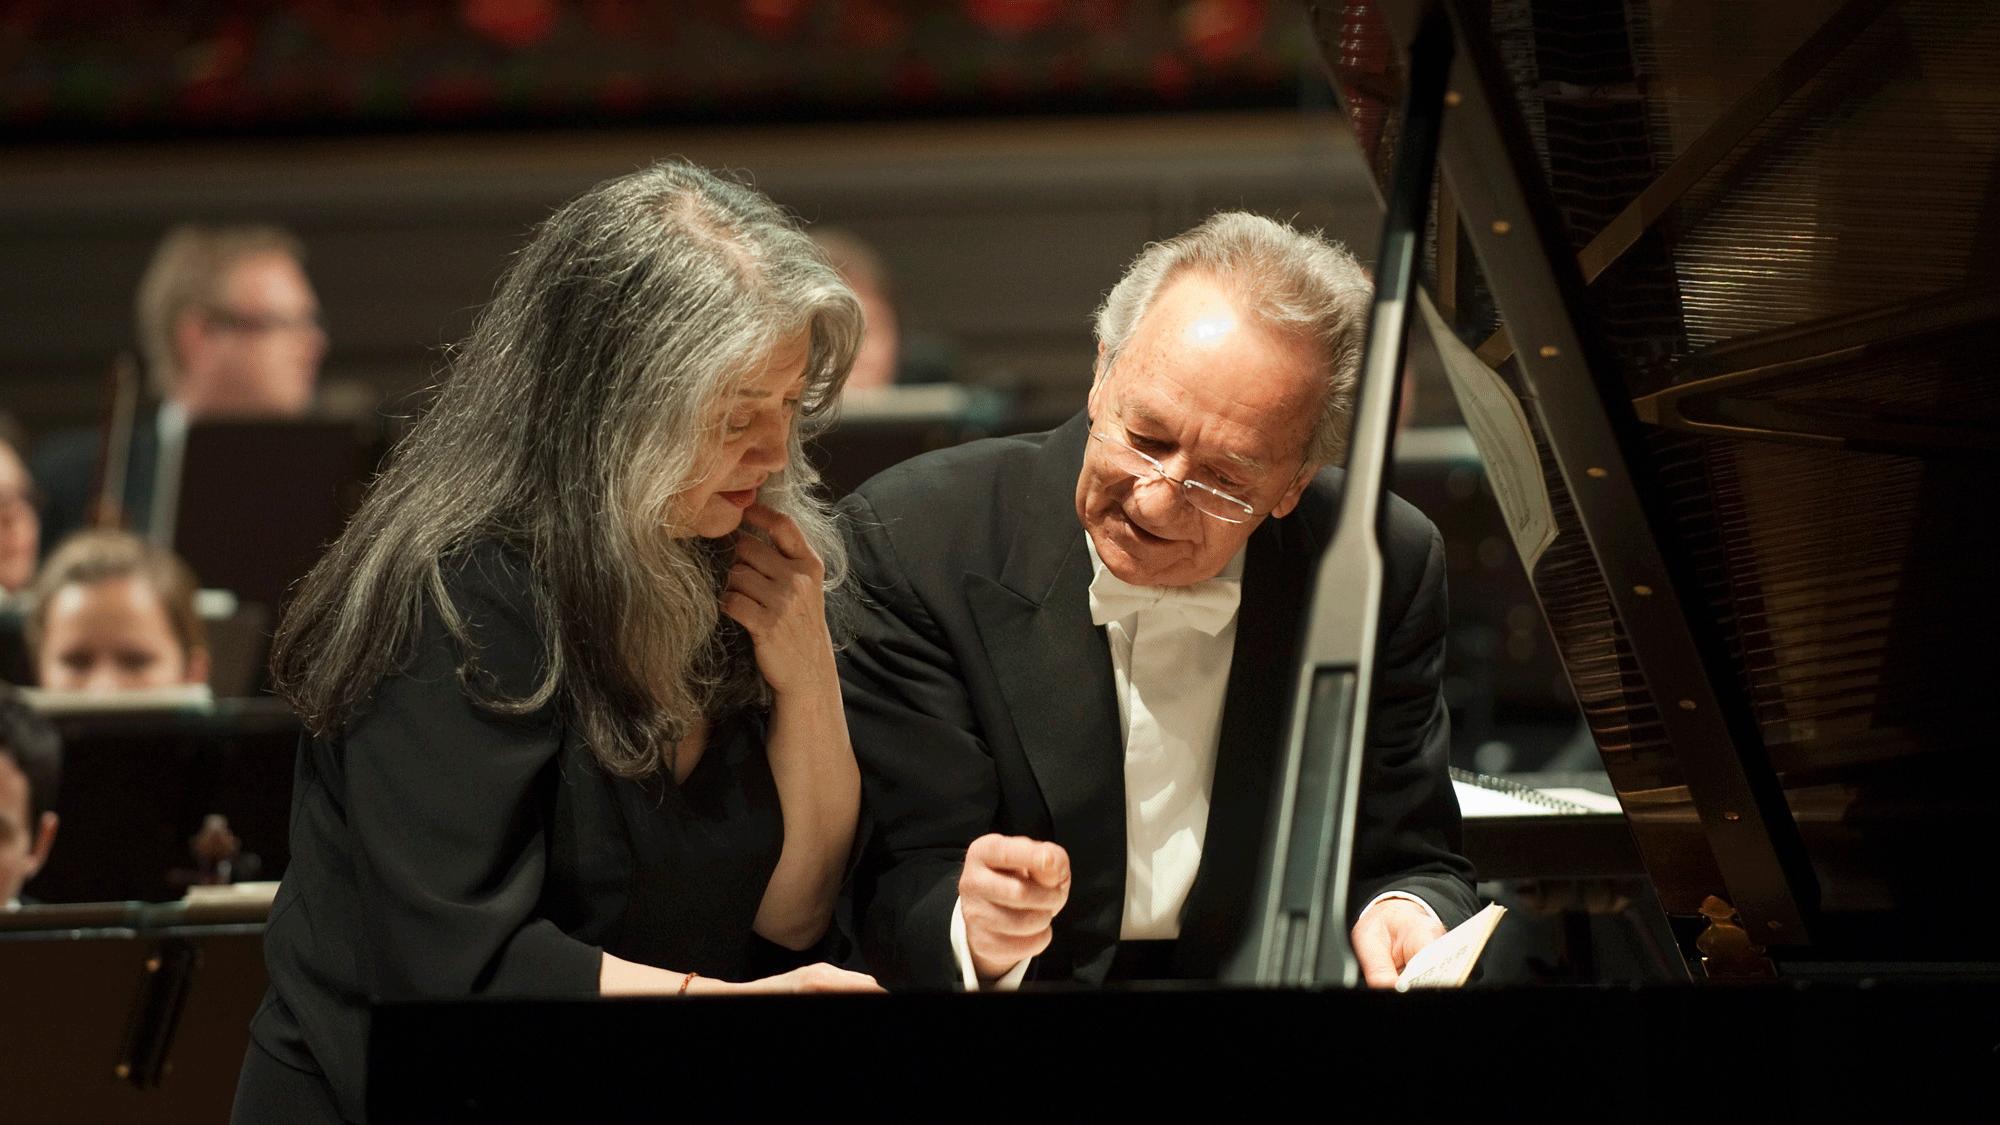 Martha Argerich et Yuri Temirkanov jouent Ravel, Prokofiev, et Chostakovitch – Avec l'Orchestre philharmonique royal de Stockholm